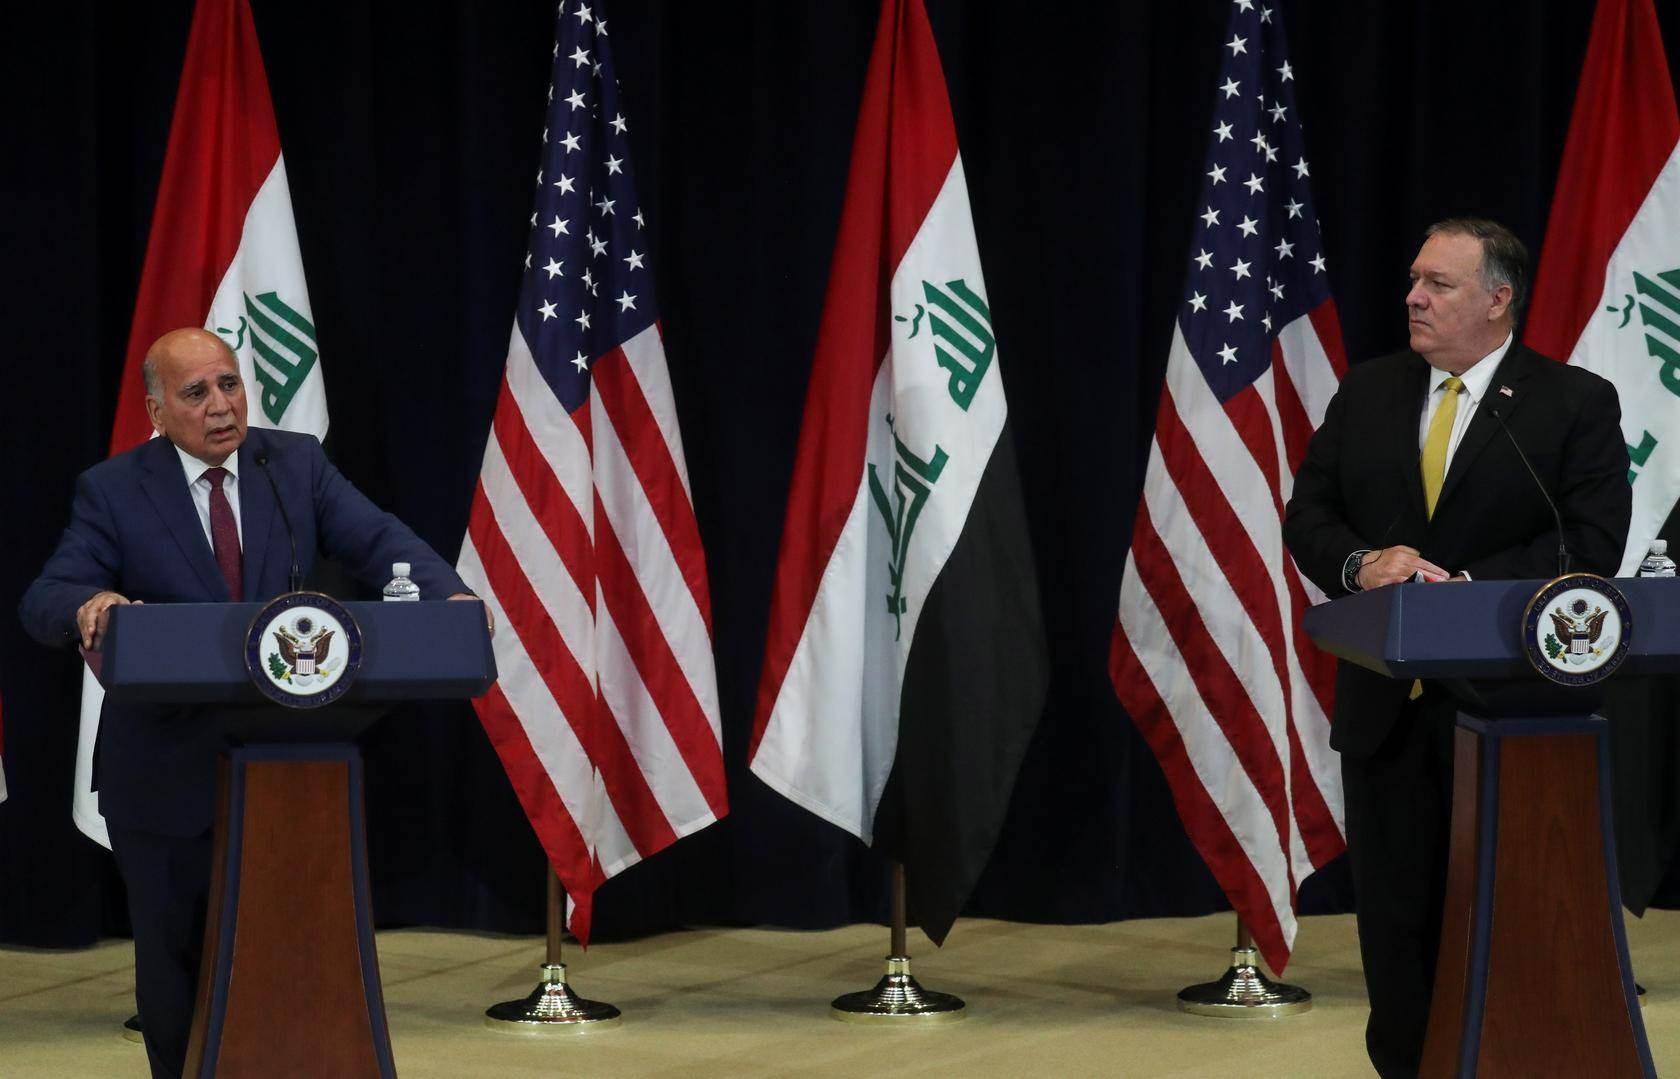 وزير الخارجية الأميركي مايك بومبيو مع نظيره العراقي فؤاد حسين في مؤتمر صحافي في واشنطن (رويترز)